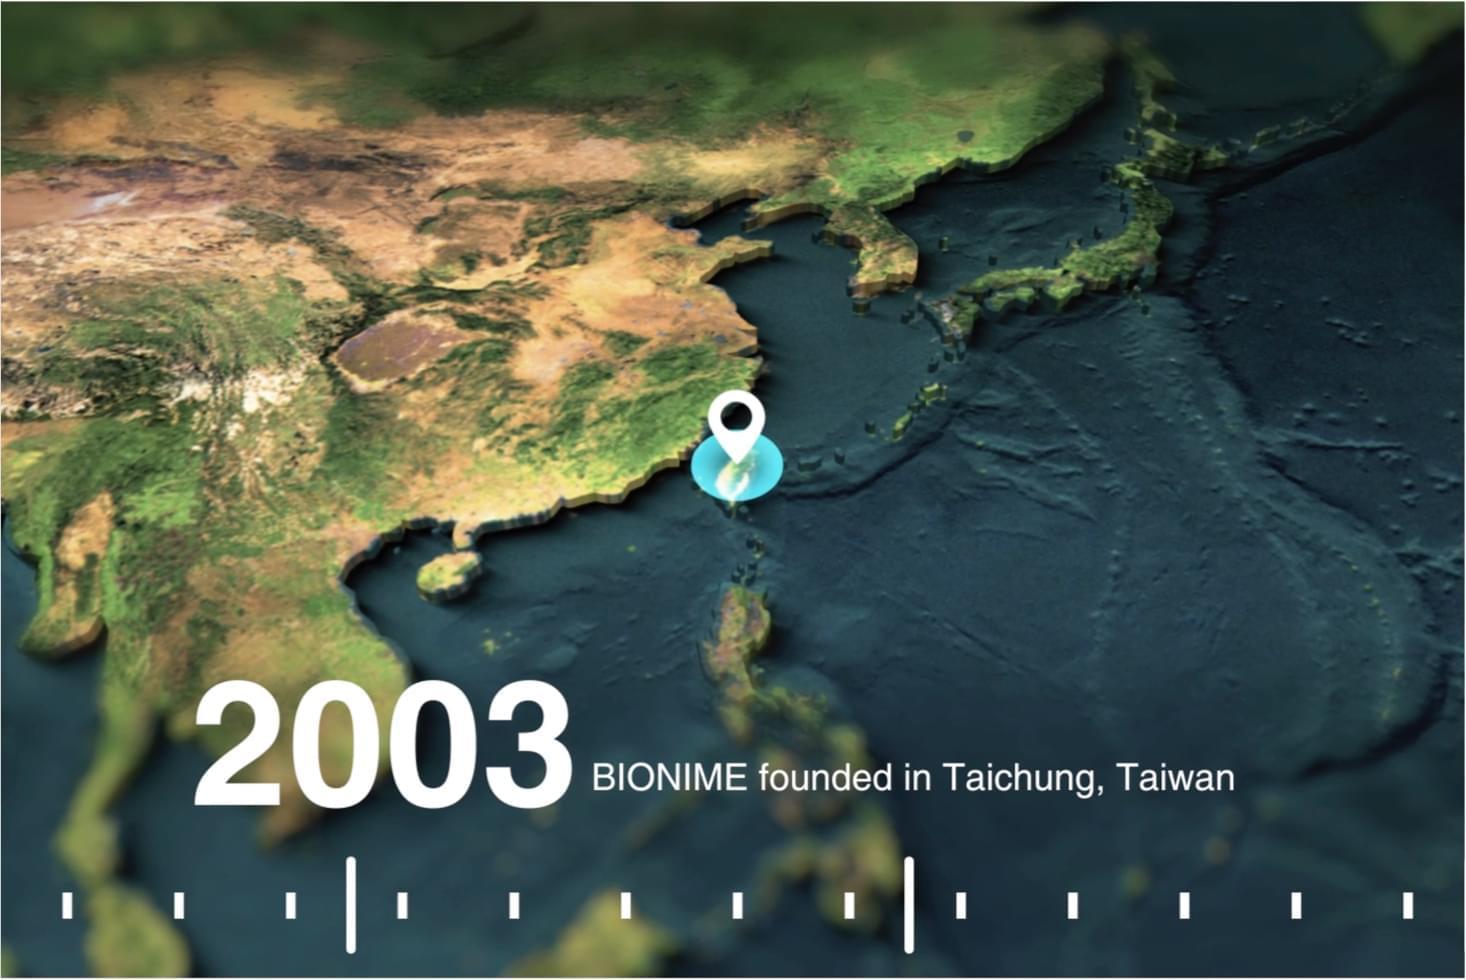 瑞特RIGHTEST由华广生技公司创立于2003年